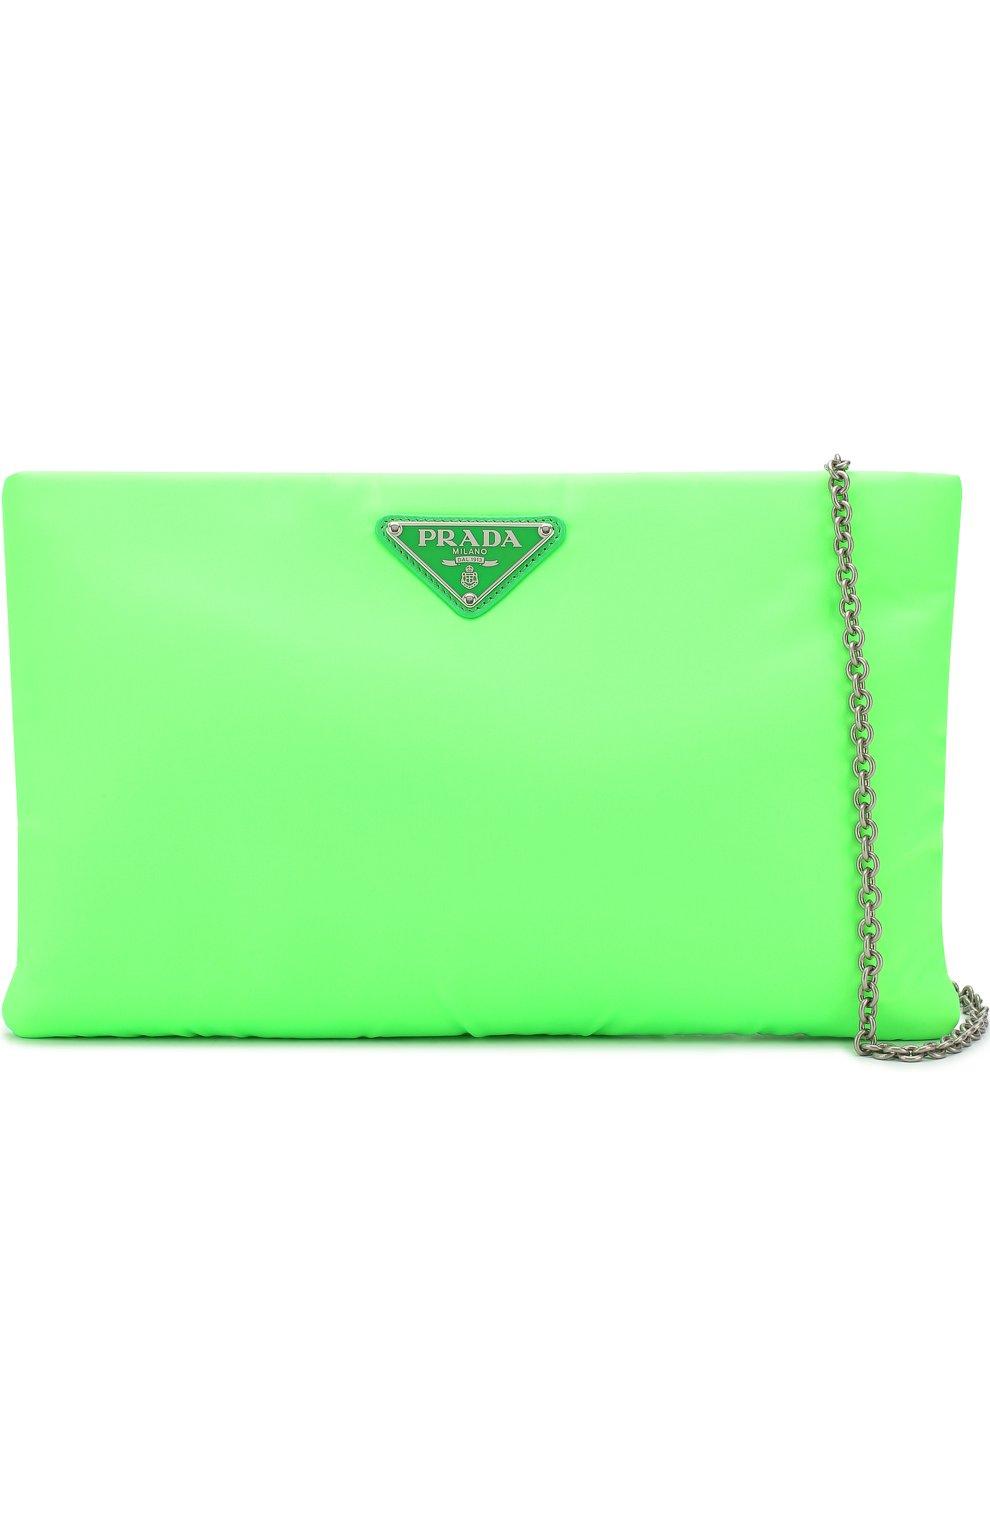 4c12103cf813 Женская сумка medium padded nylon PRADA зеленая цвета — купить за ...